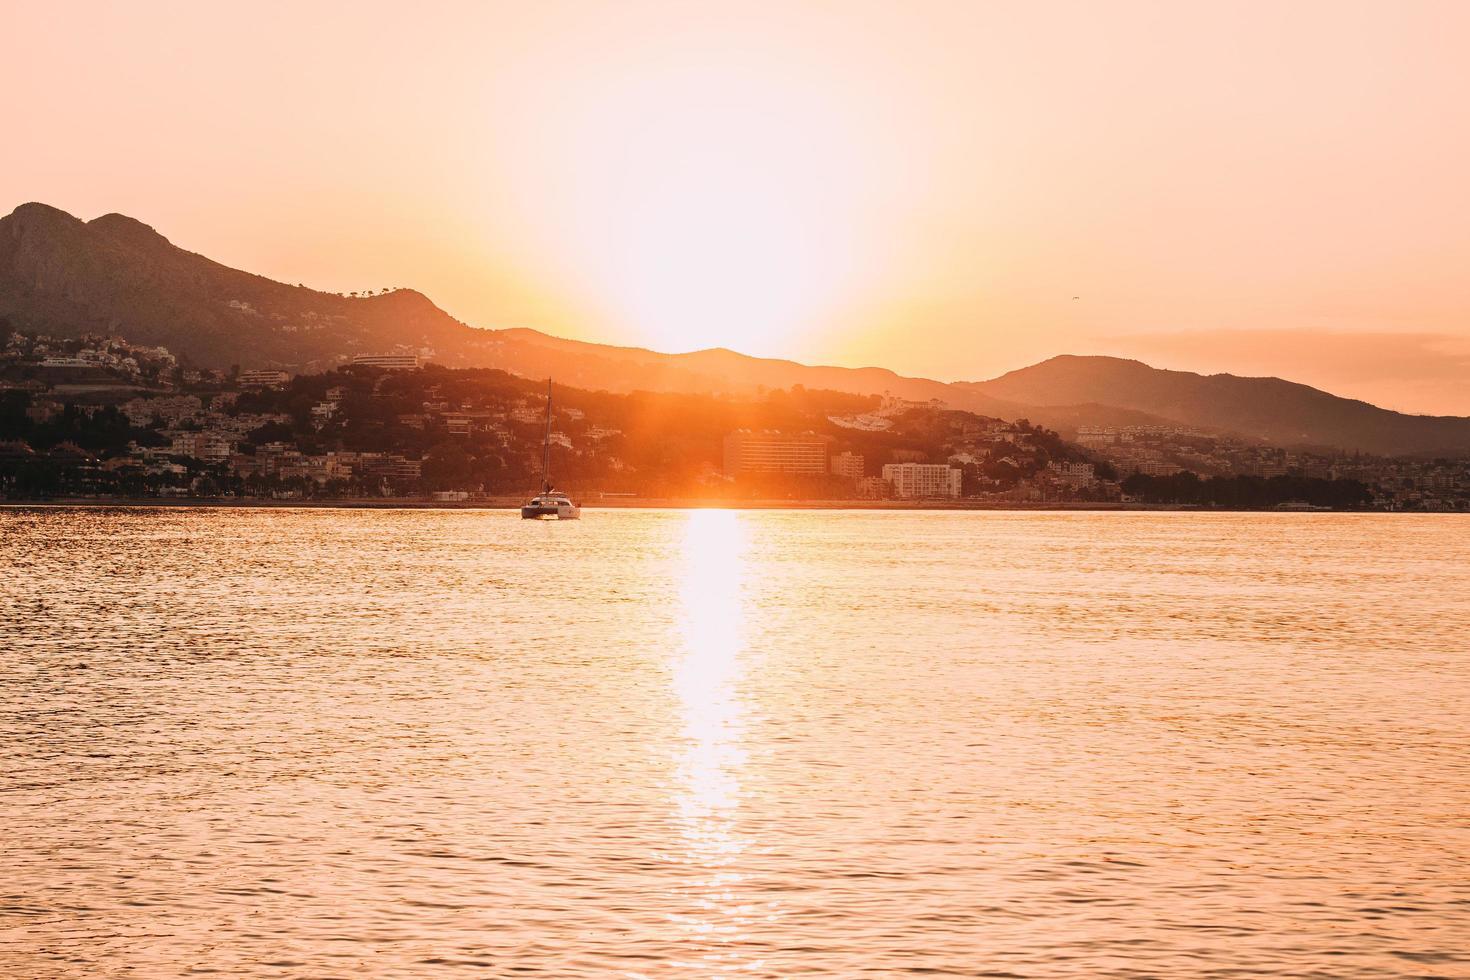 silhouet van boot op zee tijdens zonsondergang foto